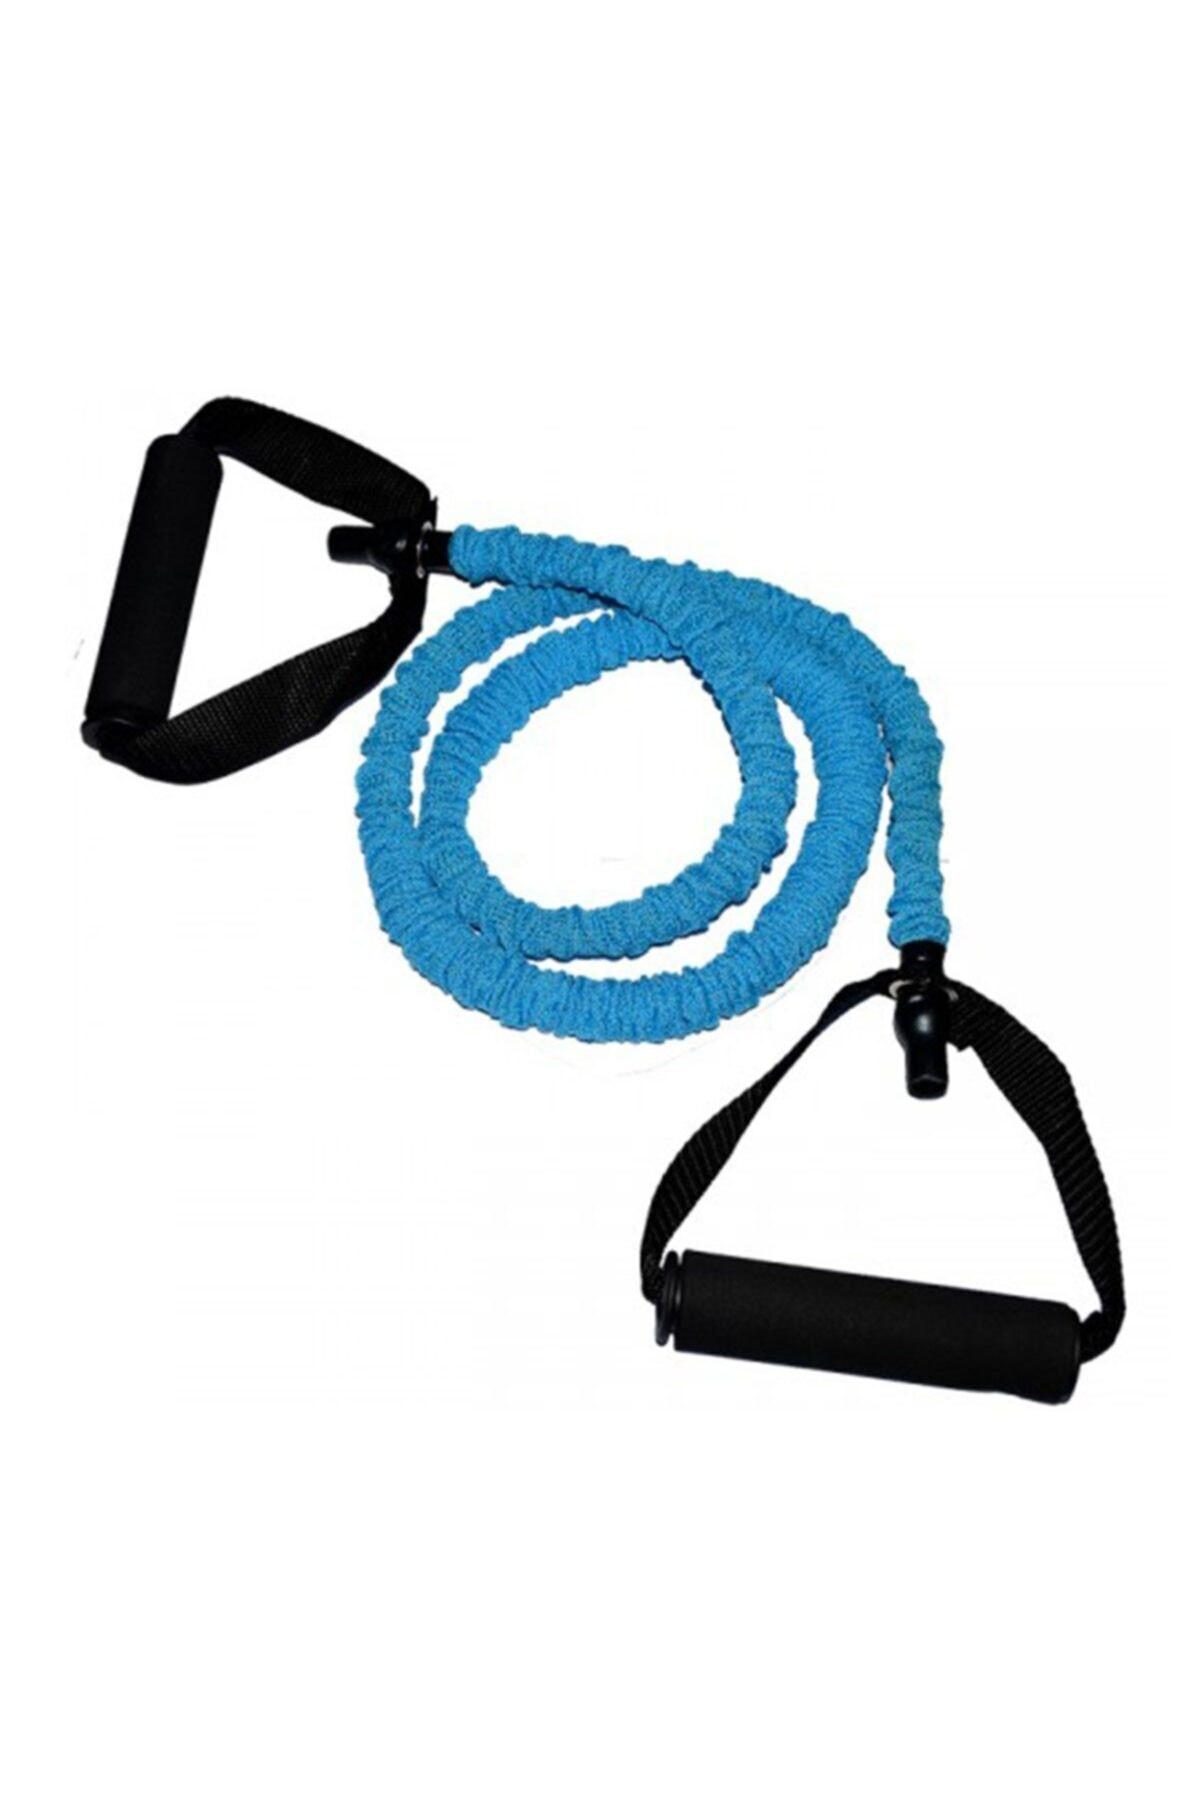 AVESSA Direnç Lastiği Mavi Sert 1